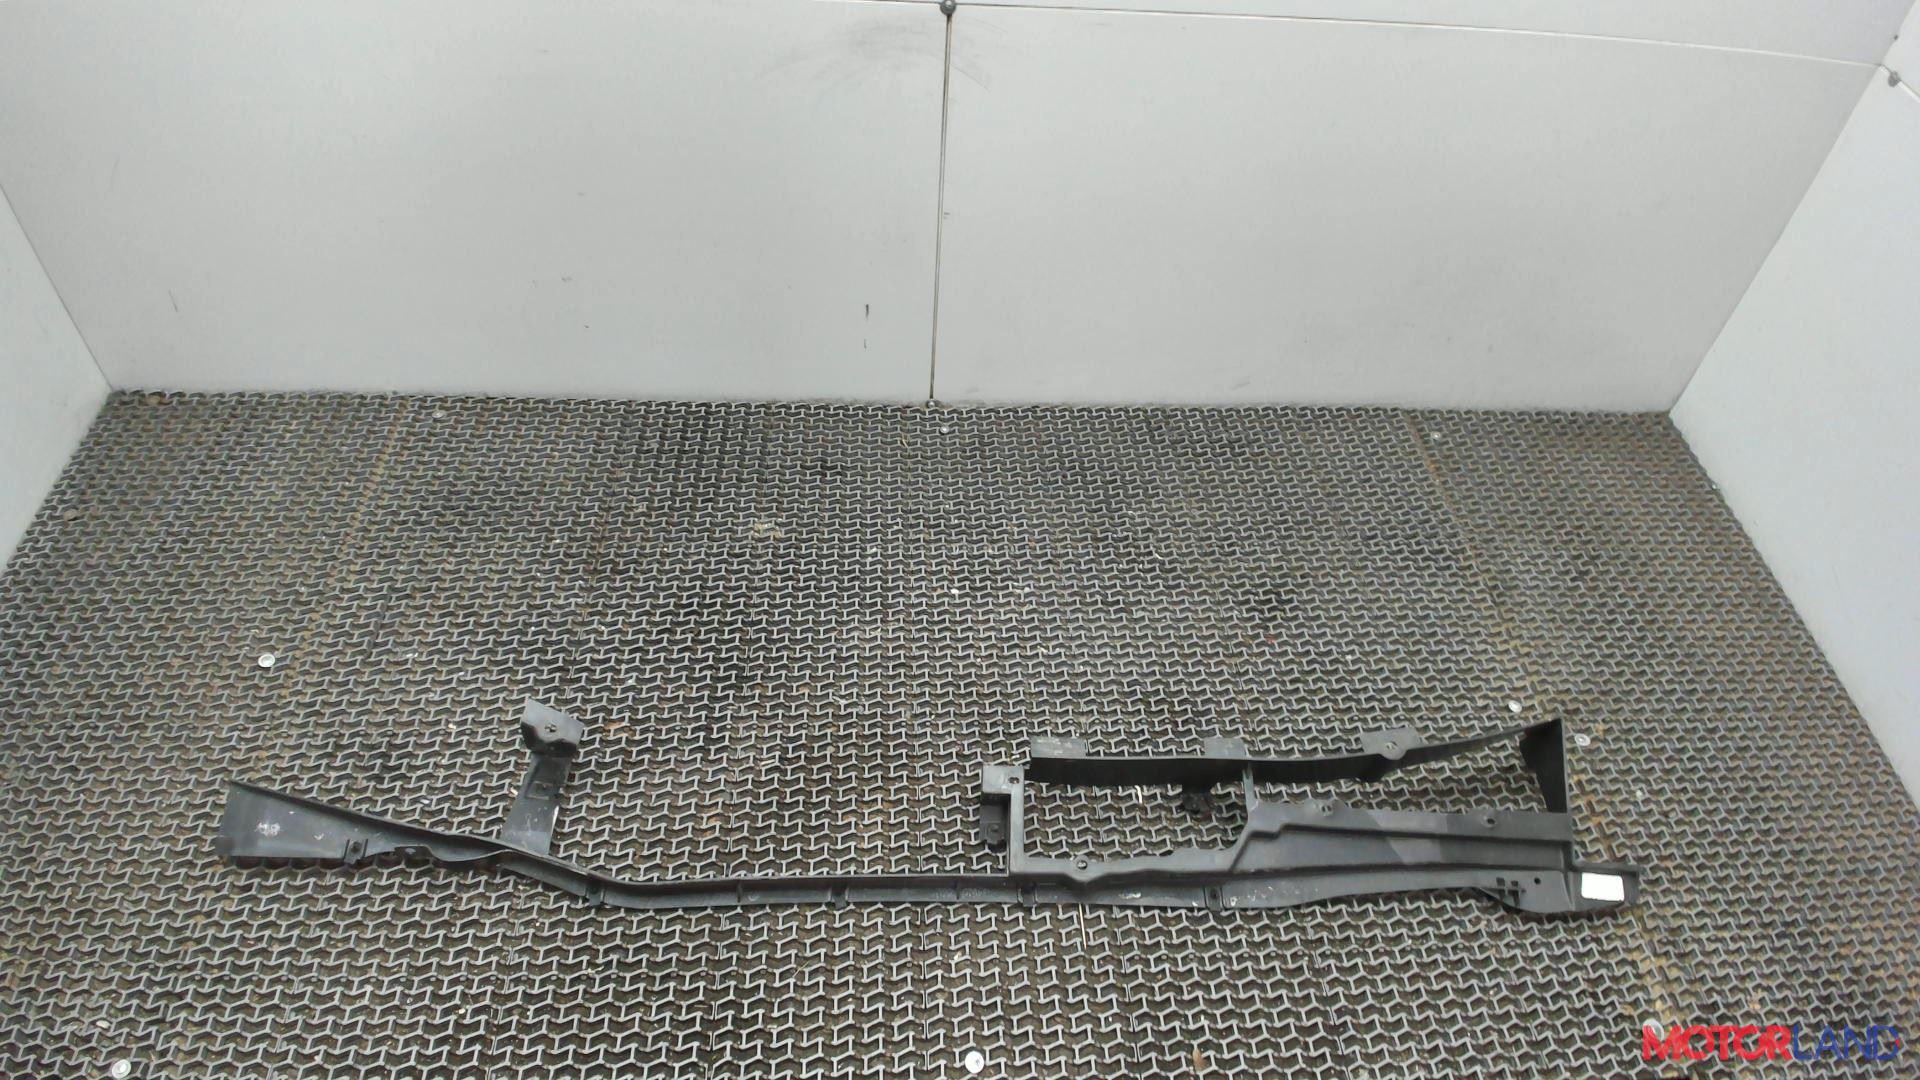 Кронштейн (лапа крепления) Cadillac SRX 2004-2009, Артикул 5330124 #1